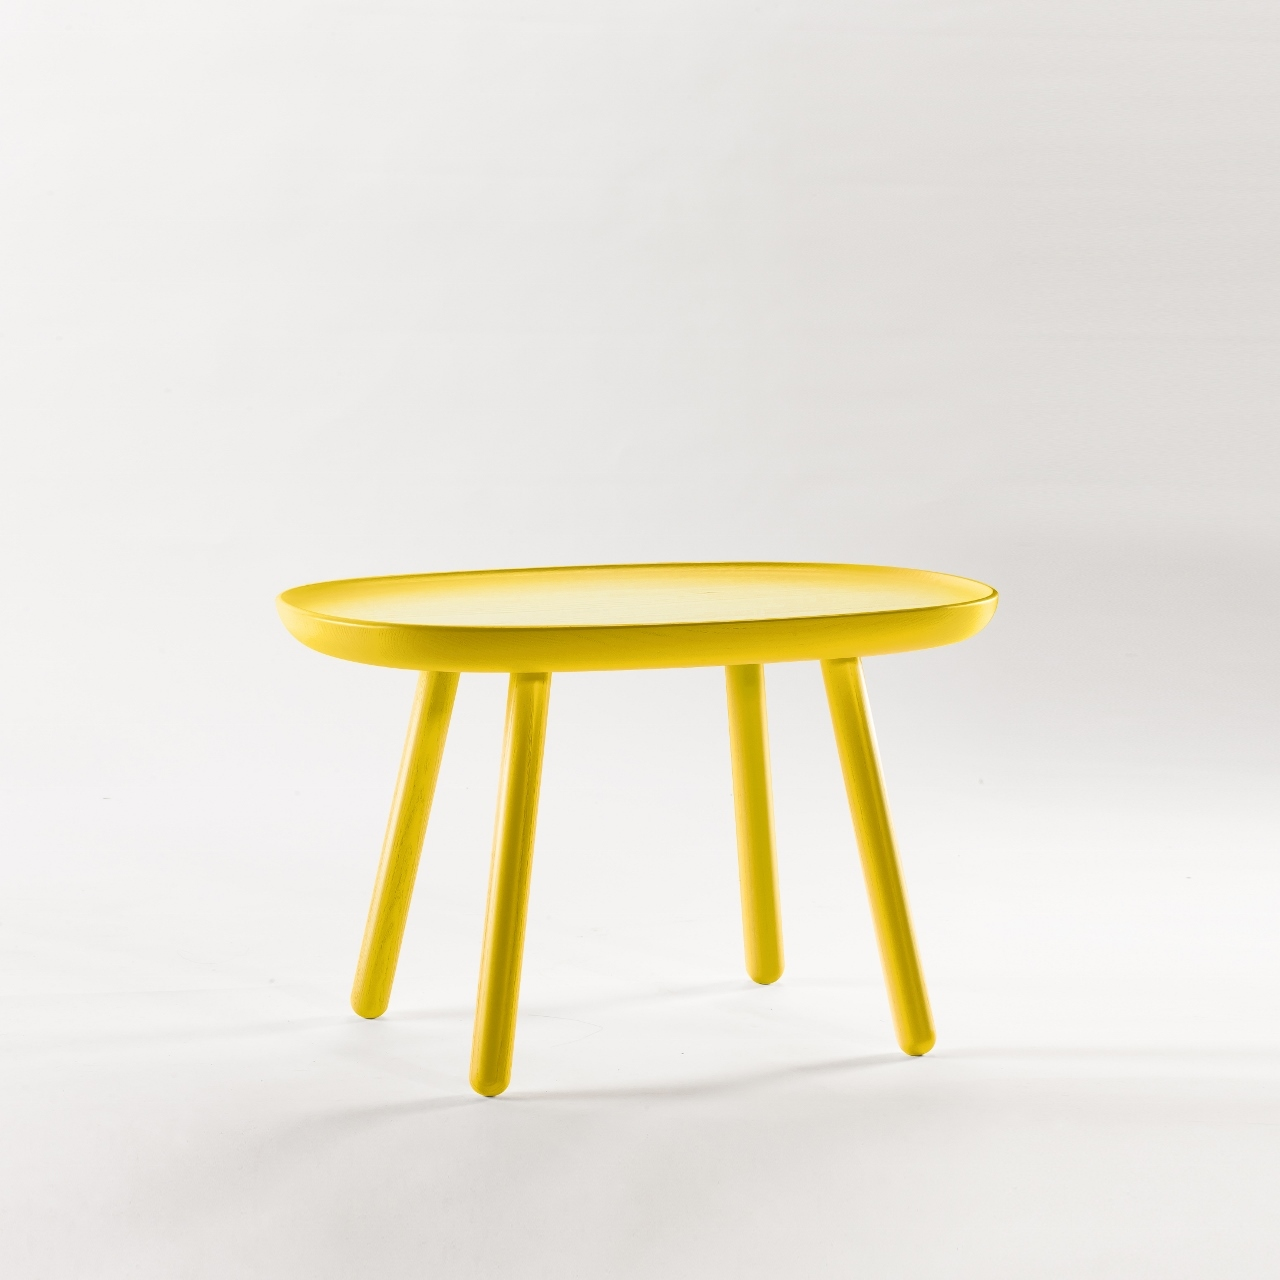 Beistelltisch oval aus holz gelb emko for Holz beistelltisch